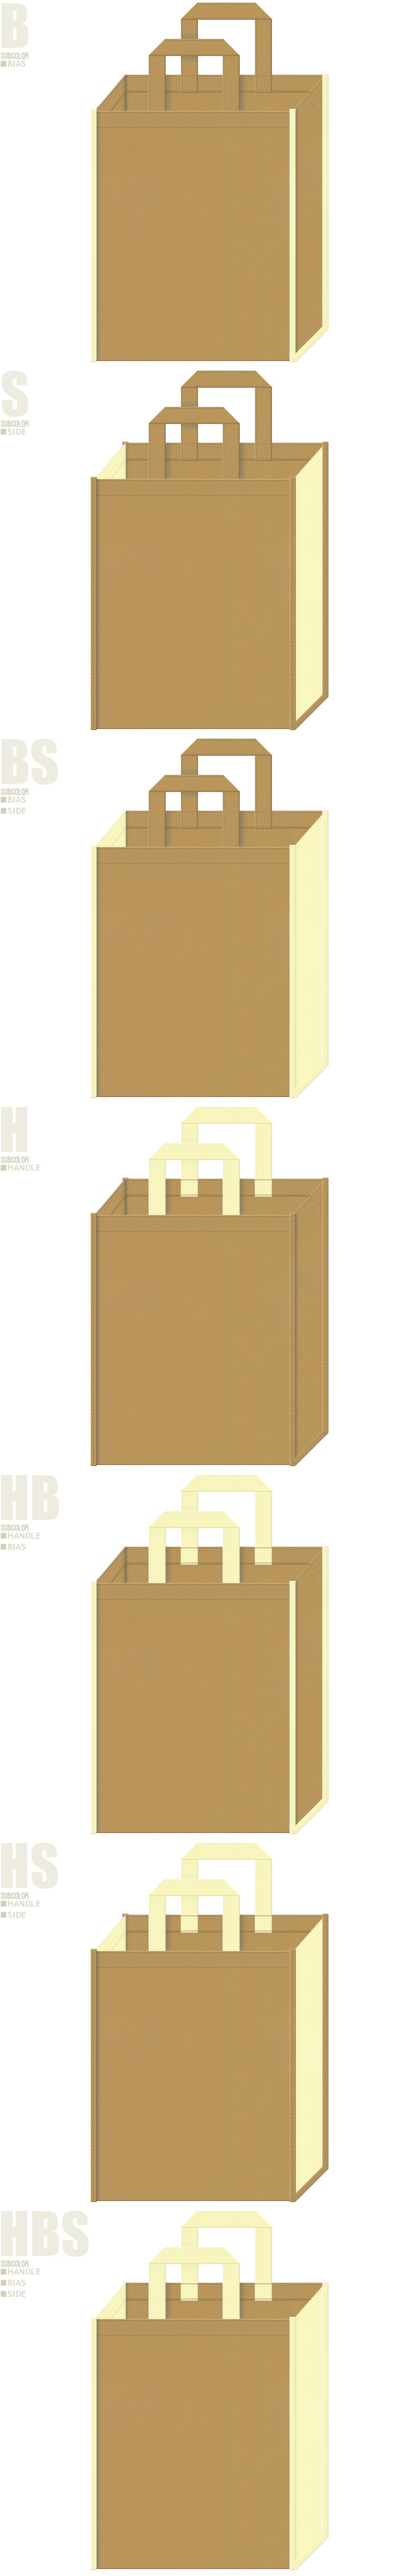 キウイフルーツ・コーヒーロール・ベーカリーにお奨めの不織布バッグデザイン:マスタード色と薄黄色の配色7パターン